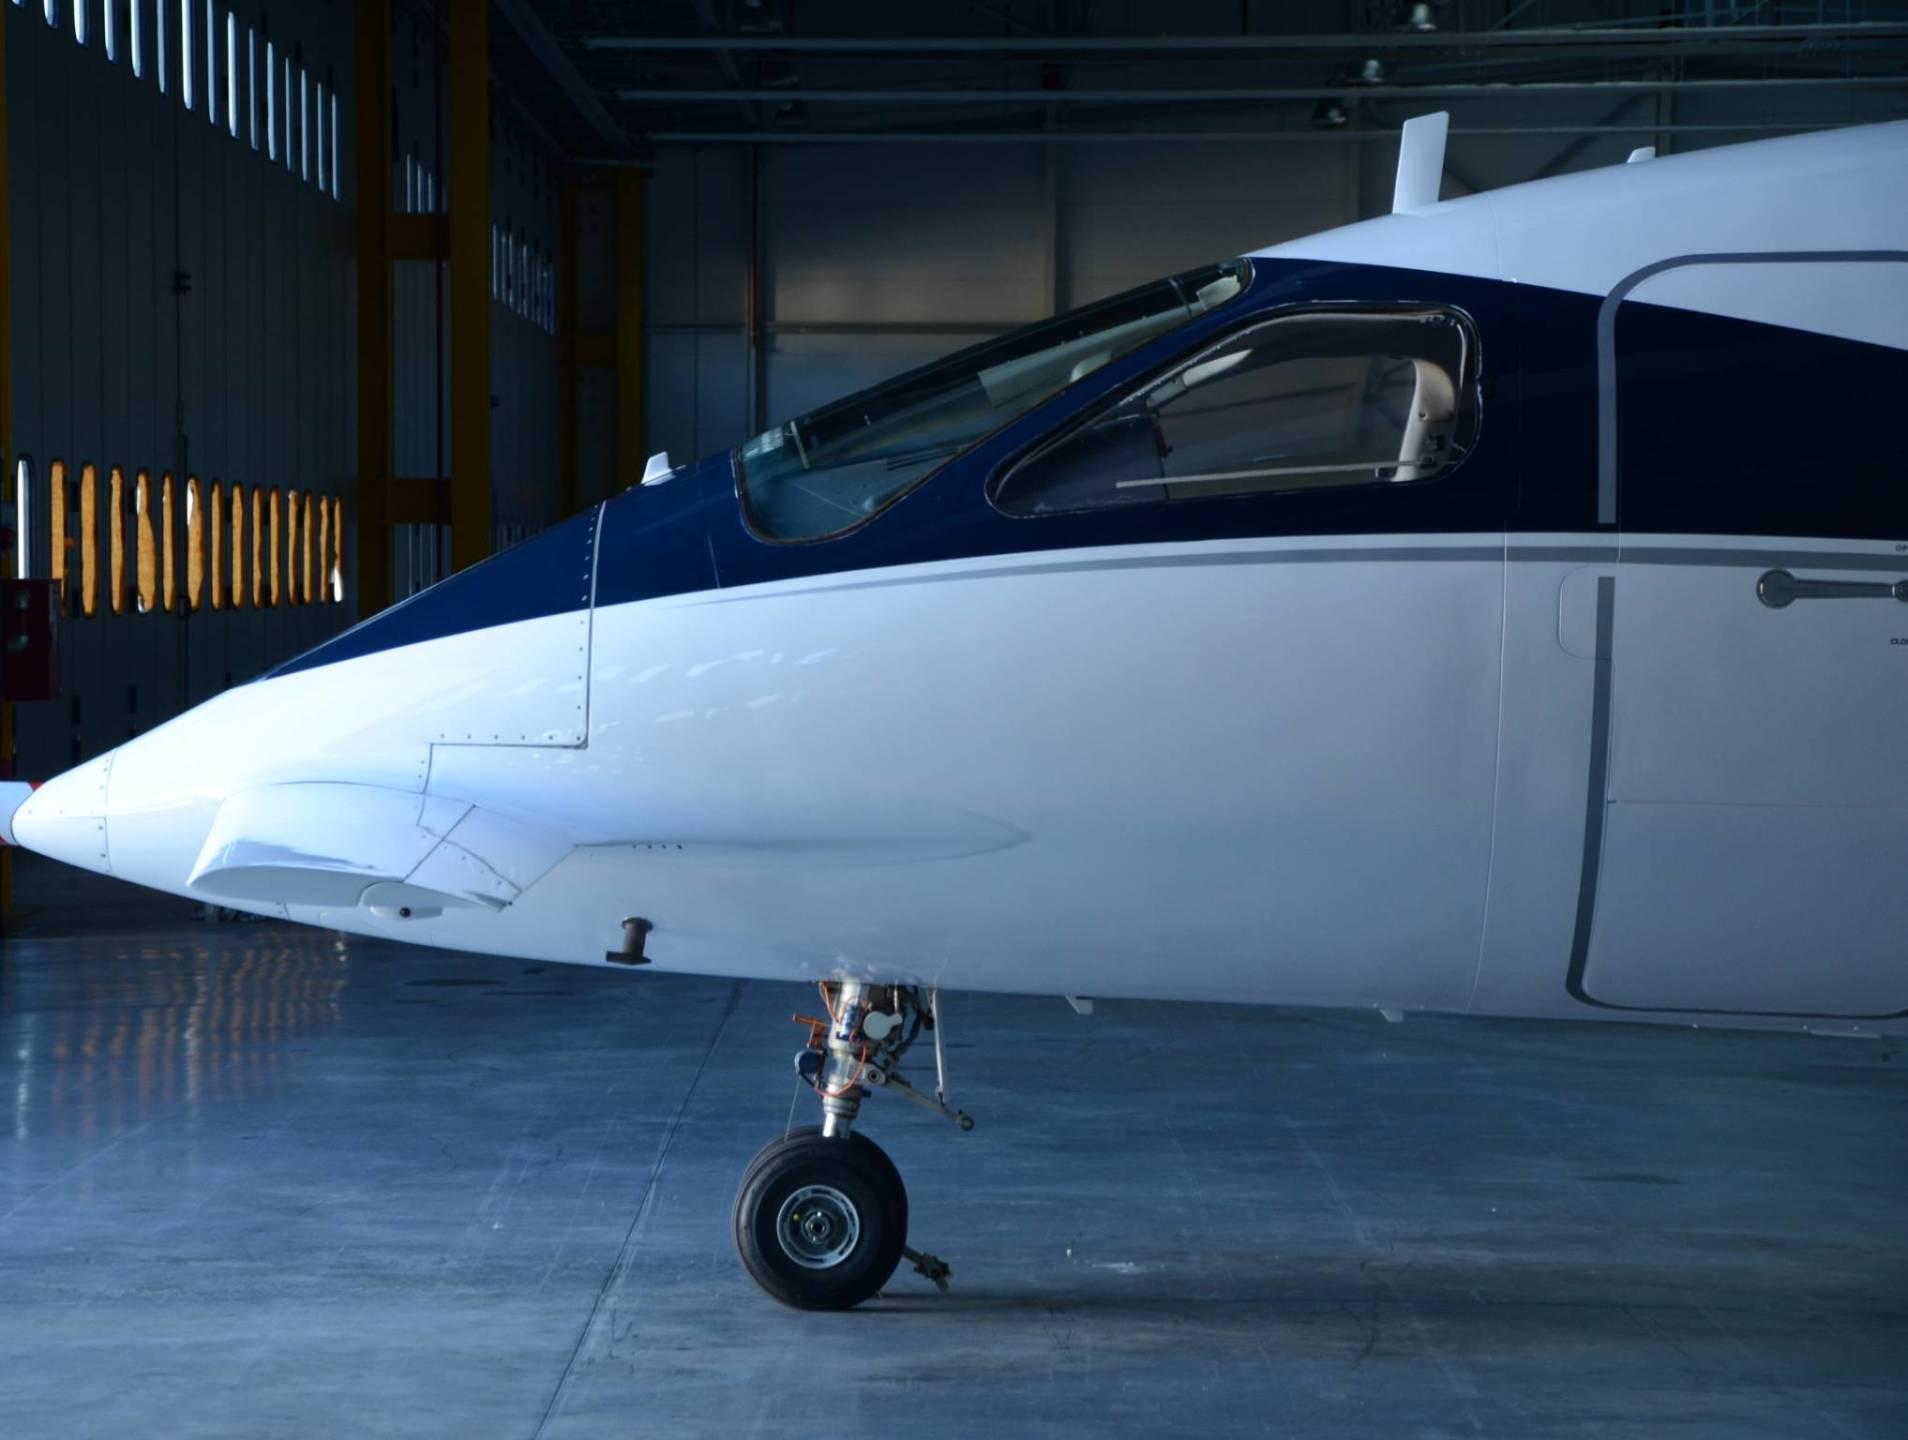 Piaggio Aerospace P.180 Avanti EVO